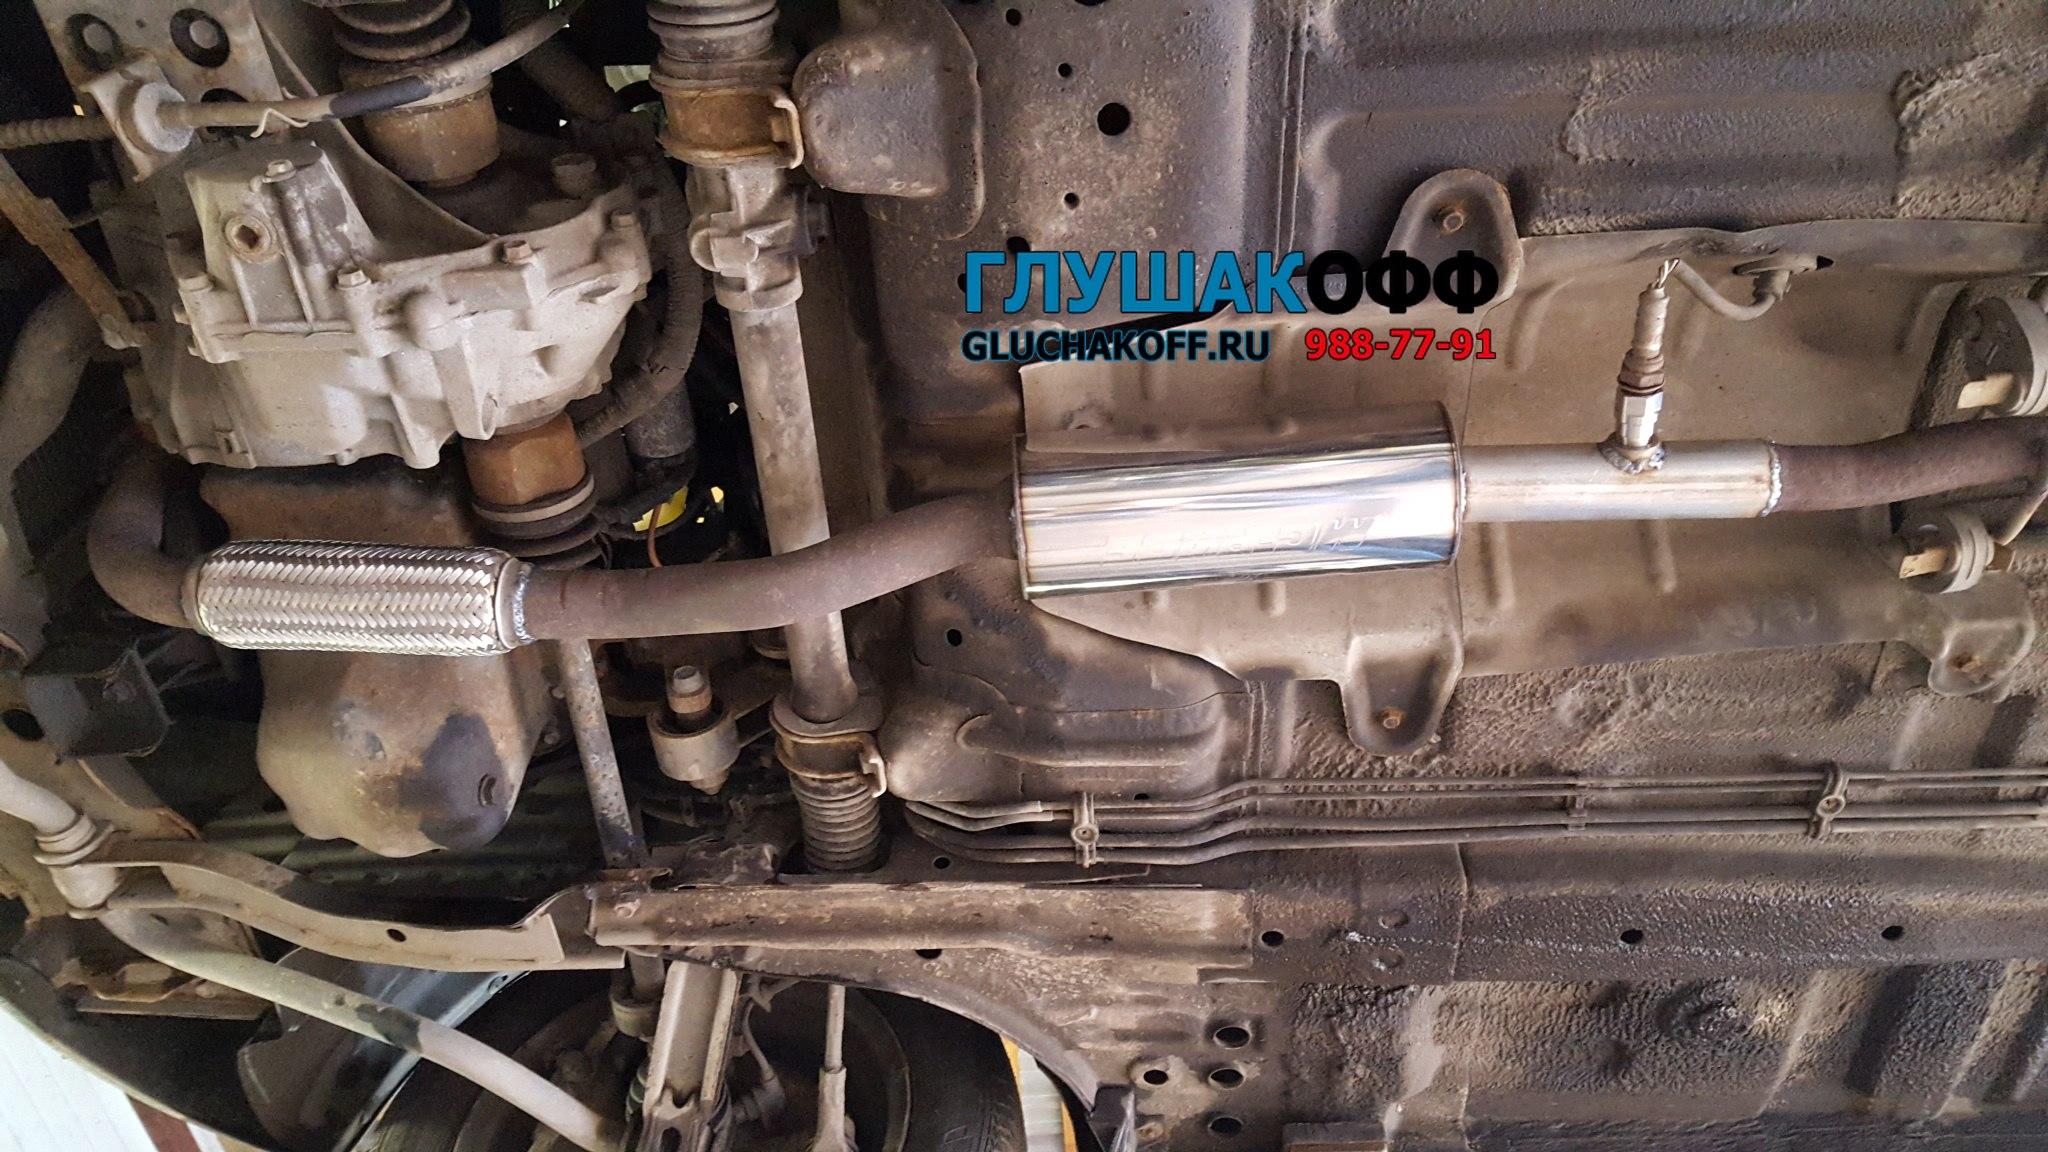 Daewoo Matiz - Замена катализатора на пламегаситель MG-Race